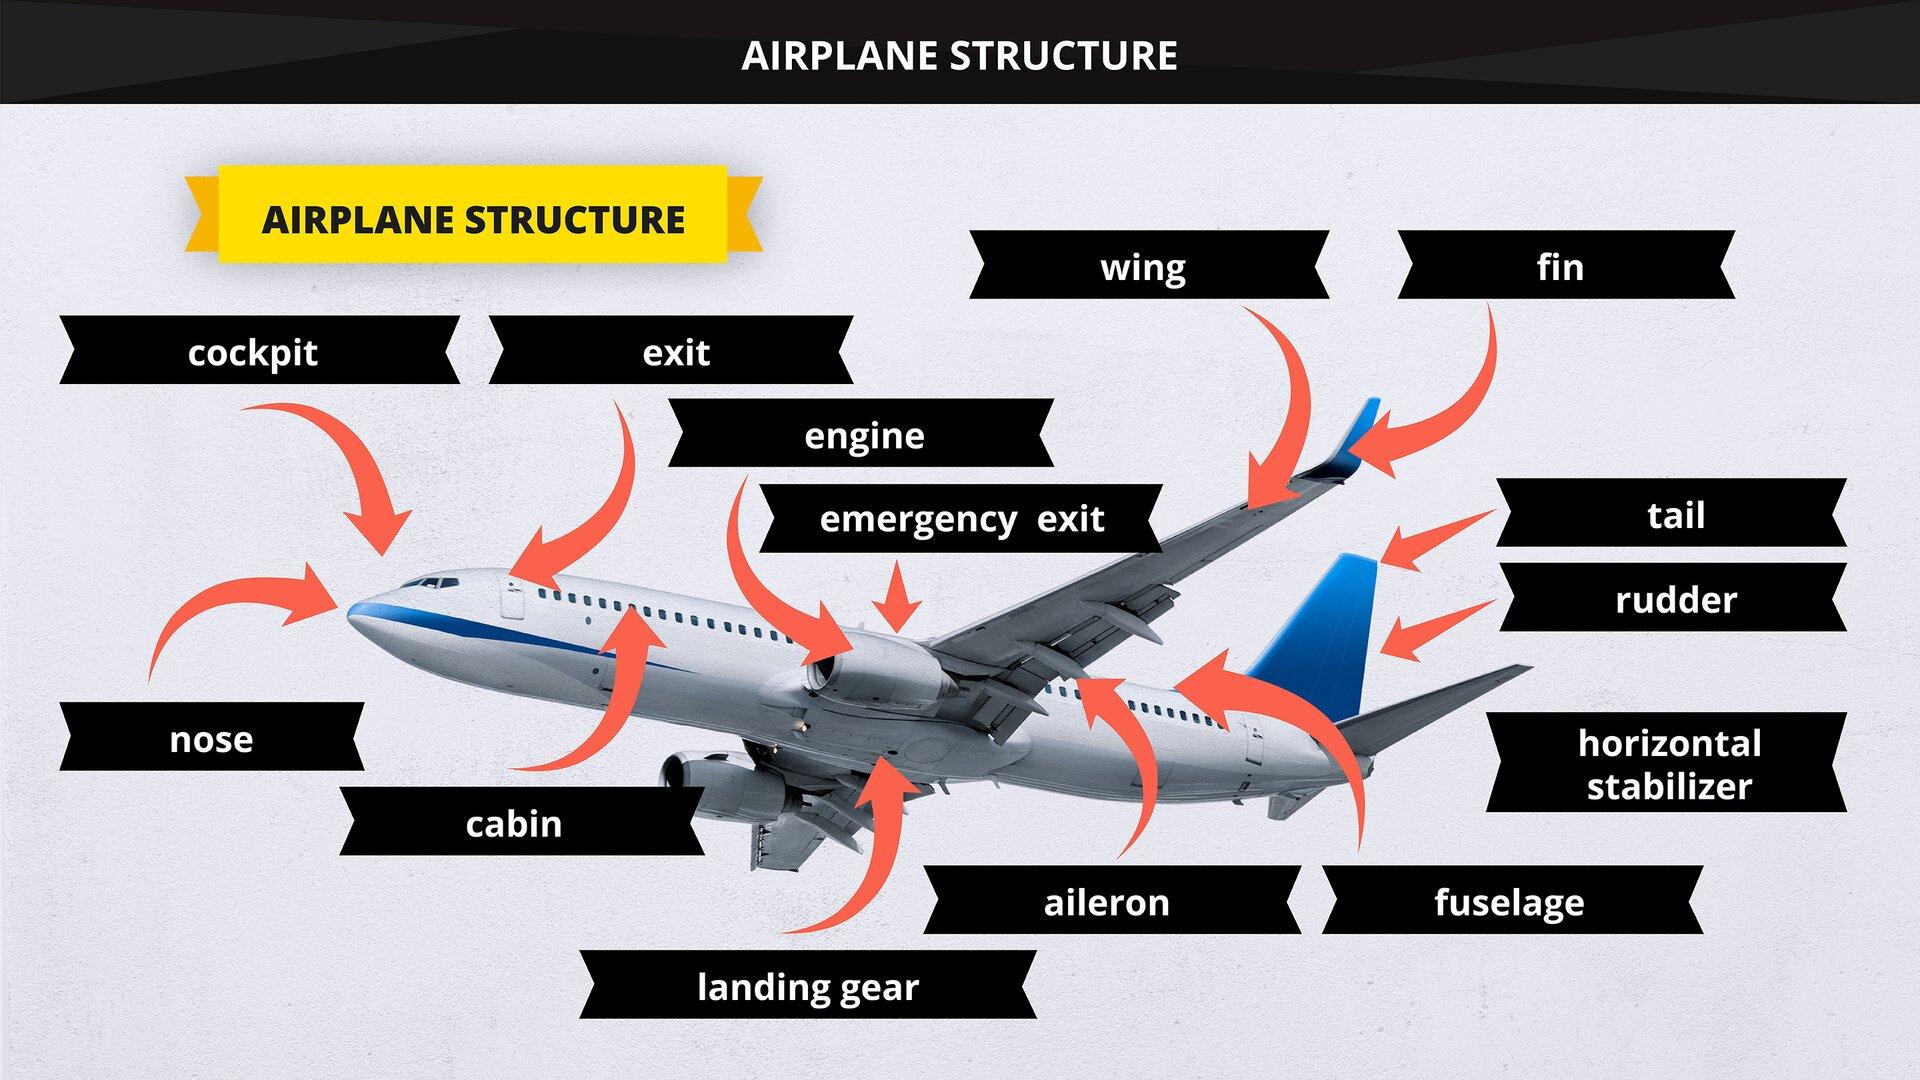 The image presents the main elements of an airplane's structure. Grafika przedstawia główne zespoły konstrukcyjne samolotu.